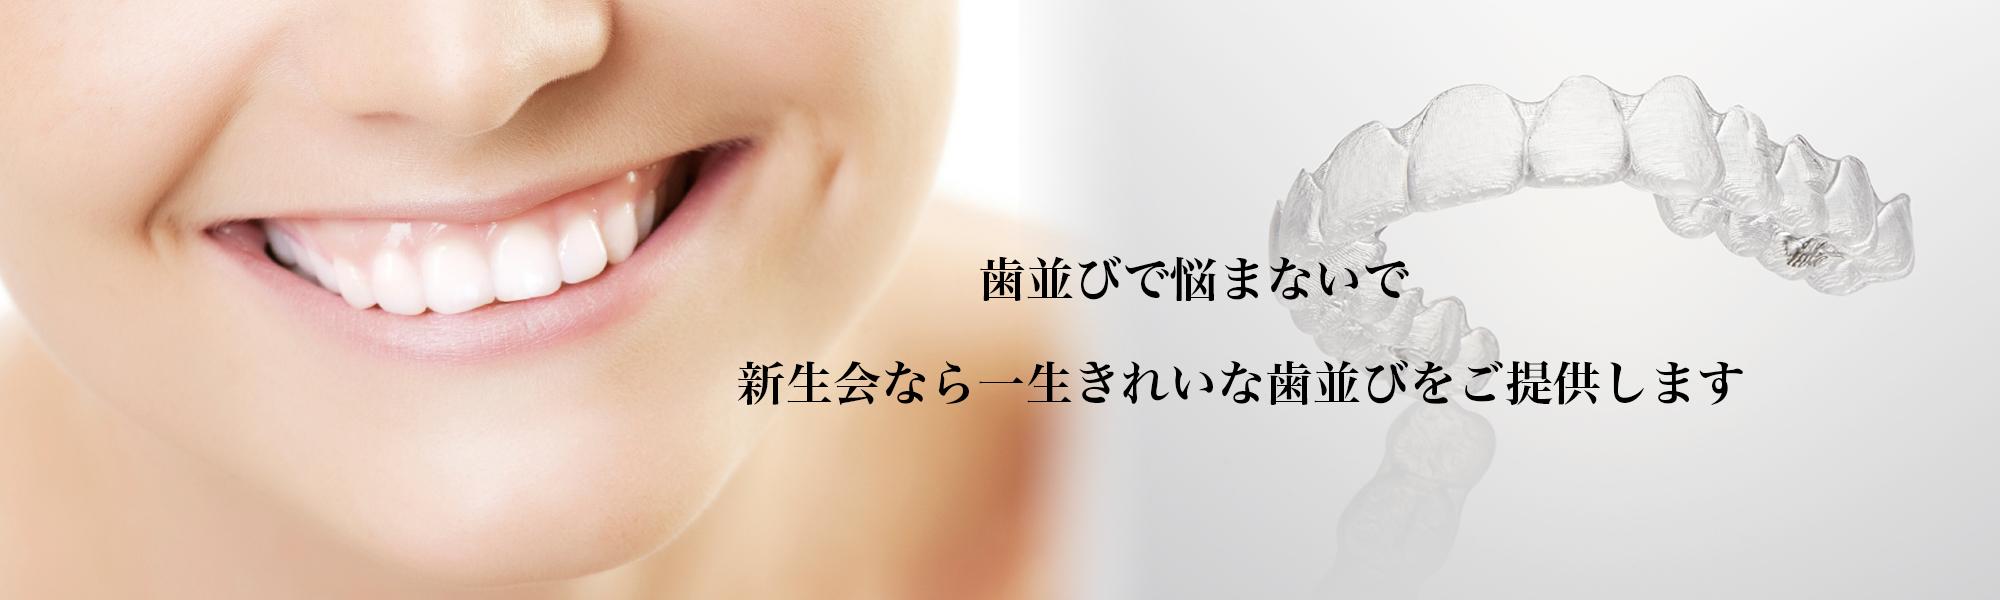 医療法人社団 新生会 矯正歯科